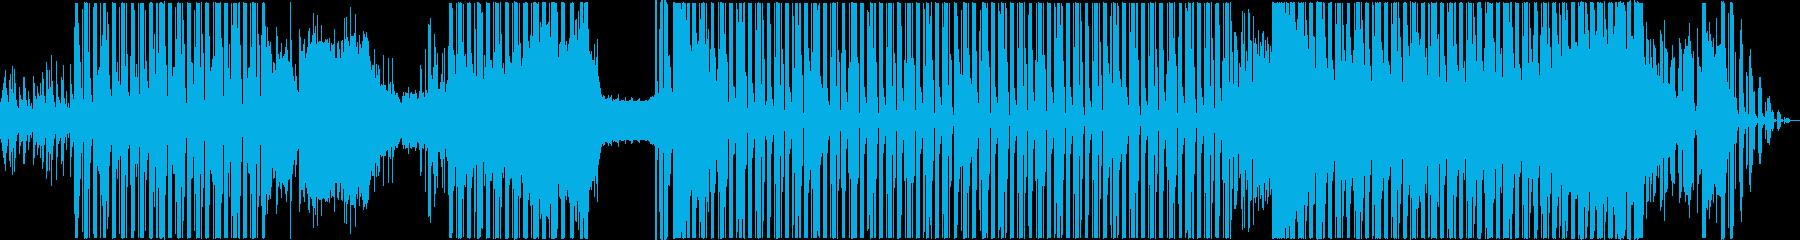 ラテン系の攻撃的なBGMの再生済みの波形